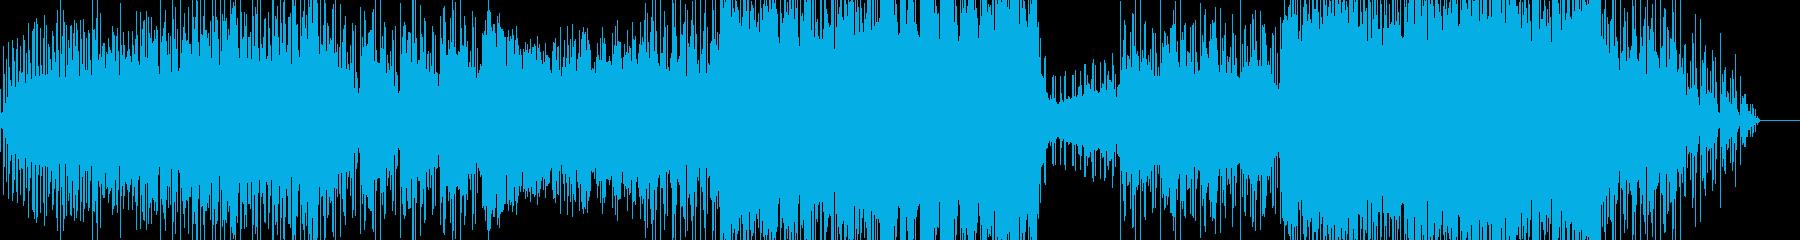 エレクトロ風チルアウトポップの再生済みの波形